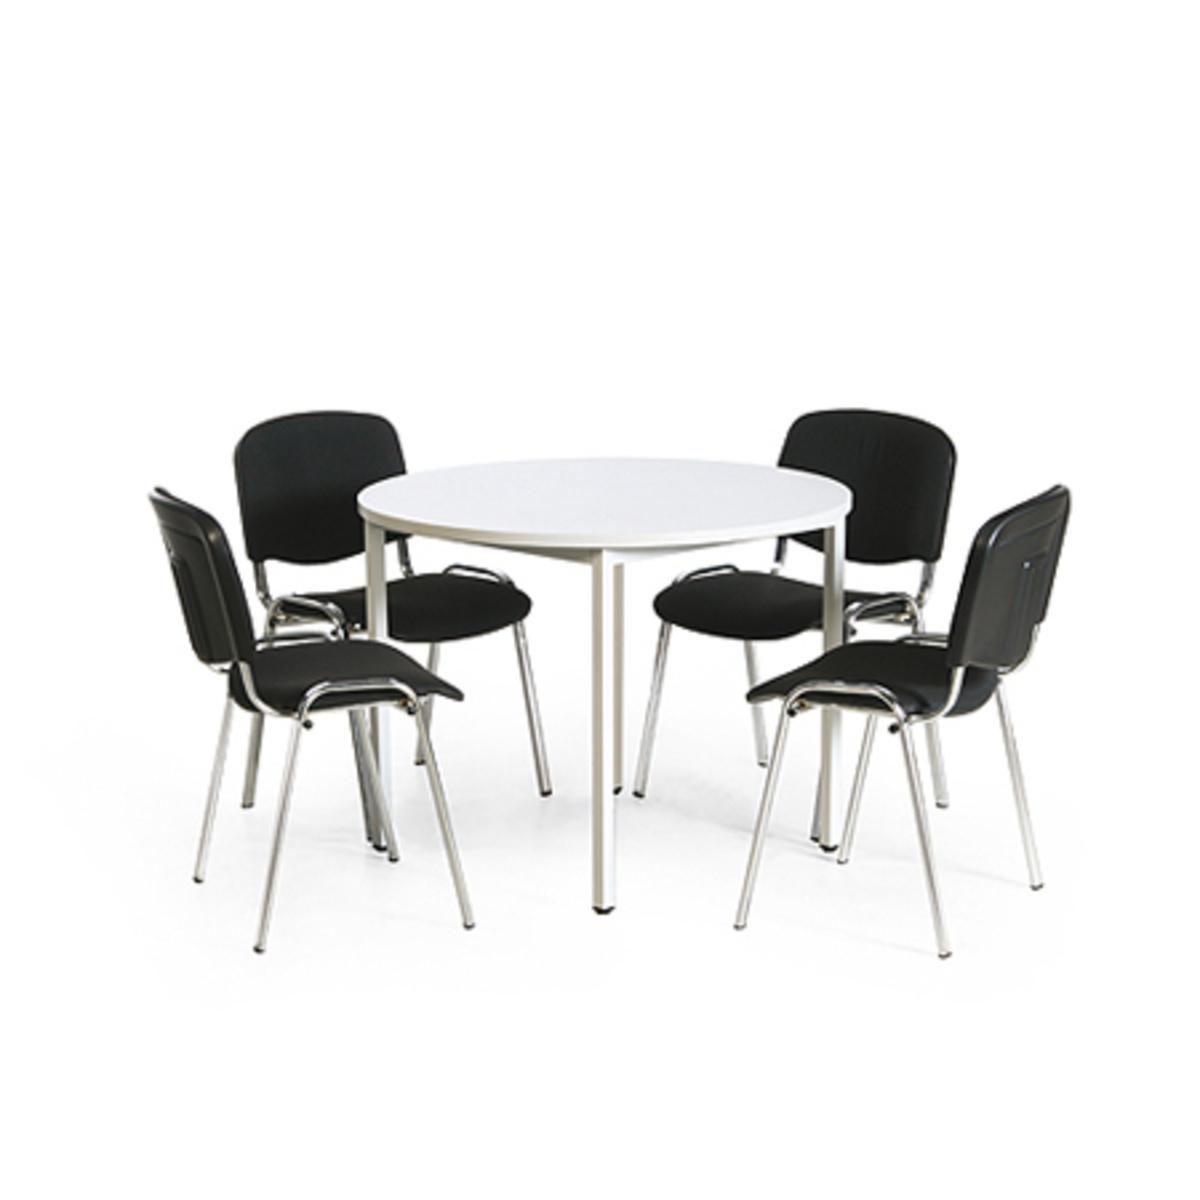 Konferenz Tisch Stuhl Kombination 1 Runder Tisch O 1000 Mm 4 Stuhle